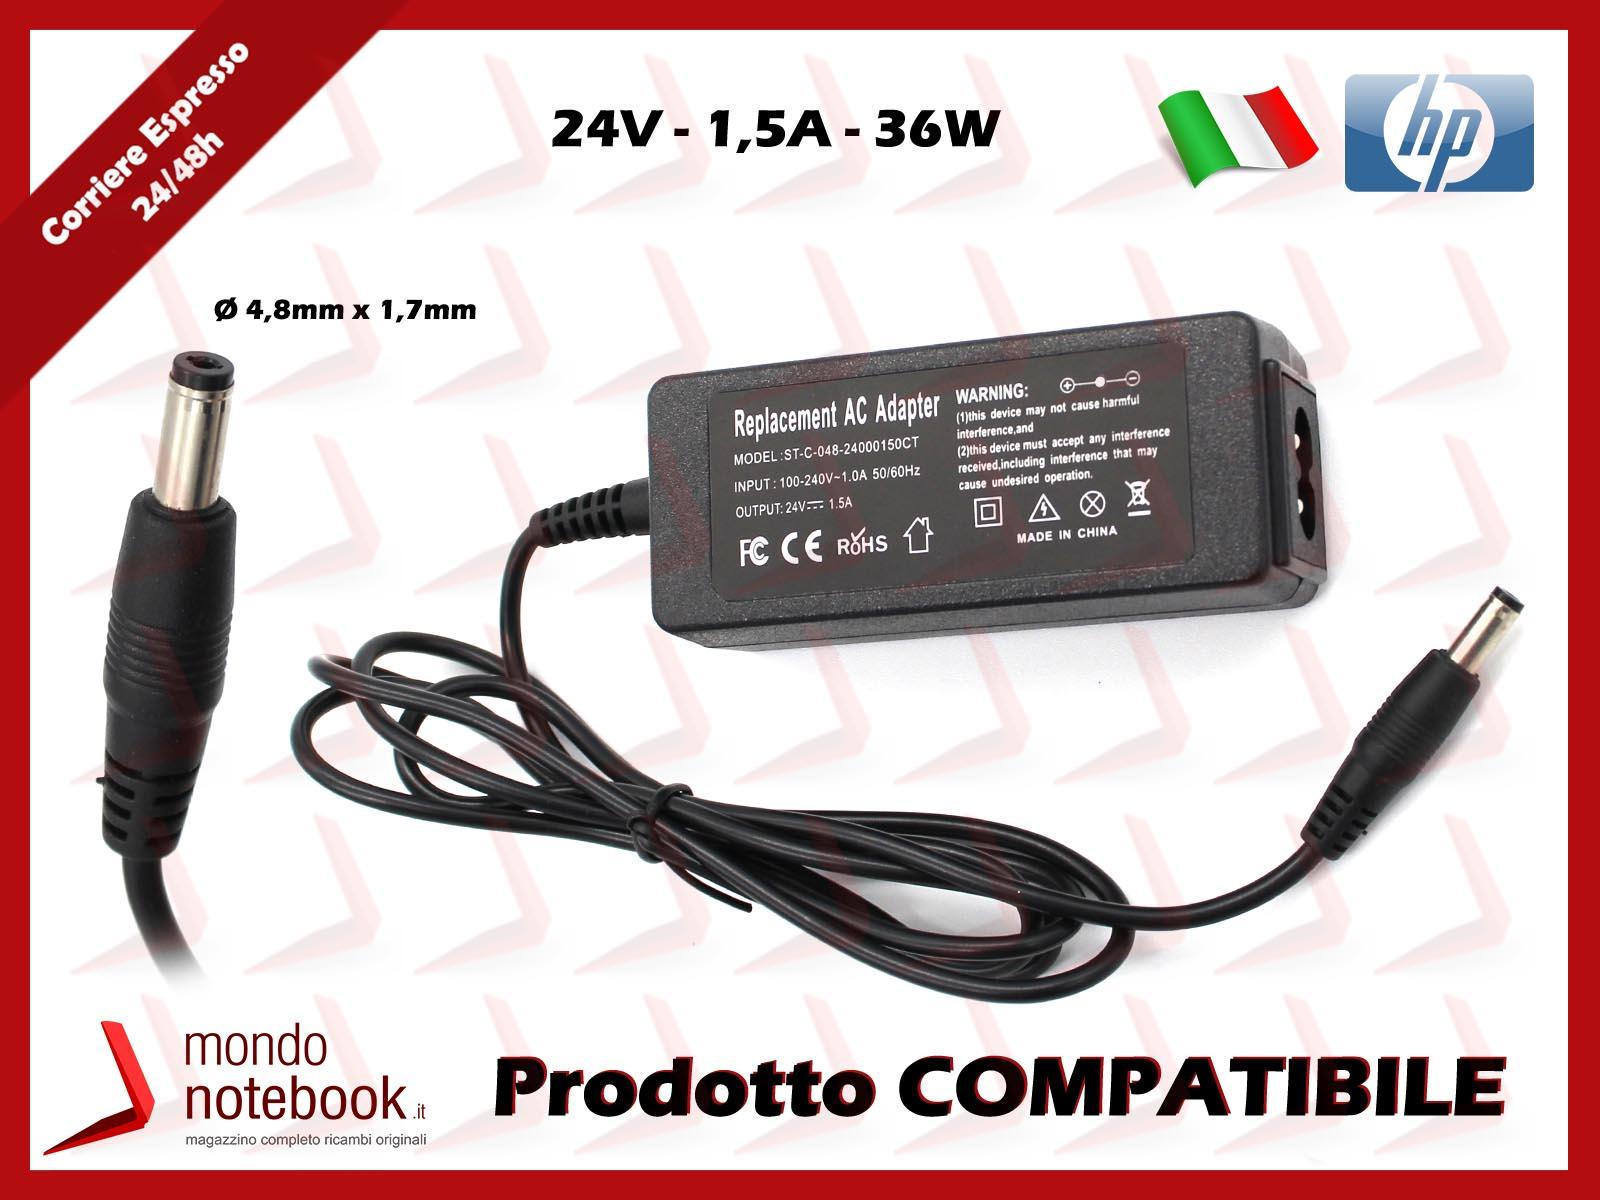 https://www.mondonotebook.it/3540/alimentatore-compatibile-per-hp-36w-24v-15a-48mm-x-17mm-scanjet-scanner.jpg